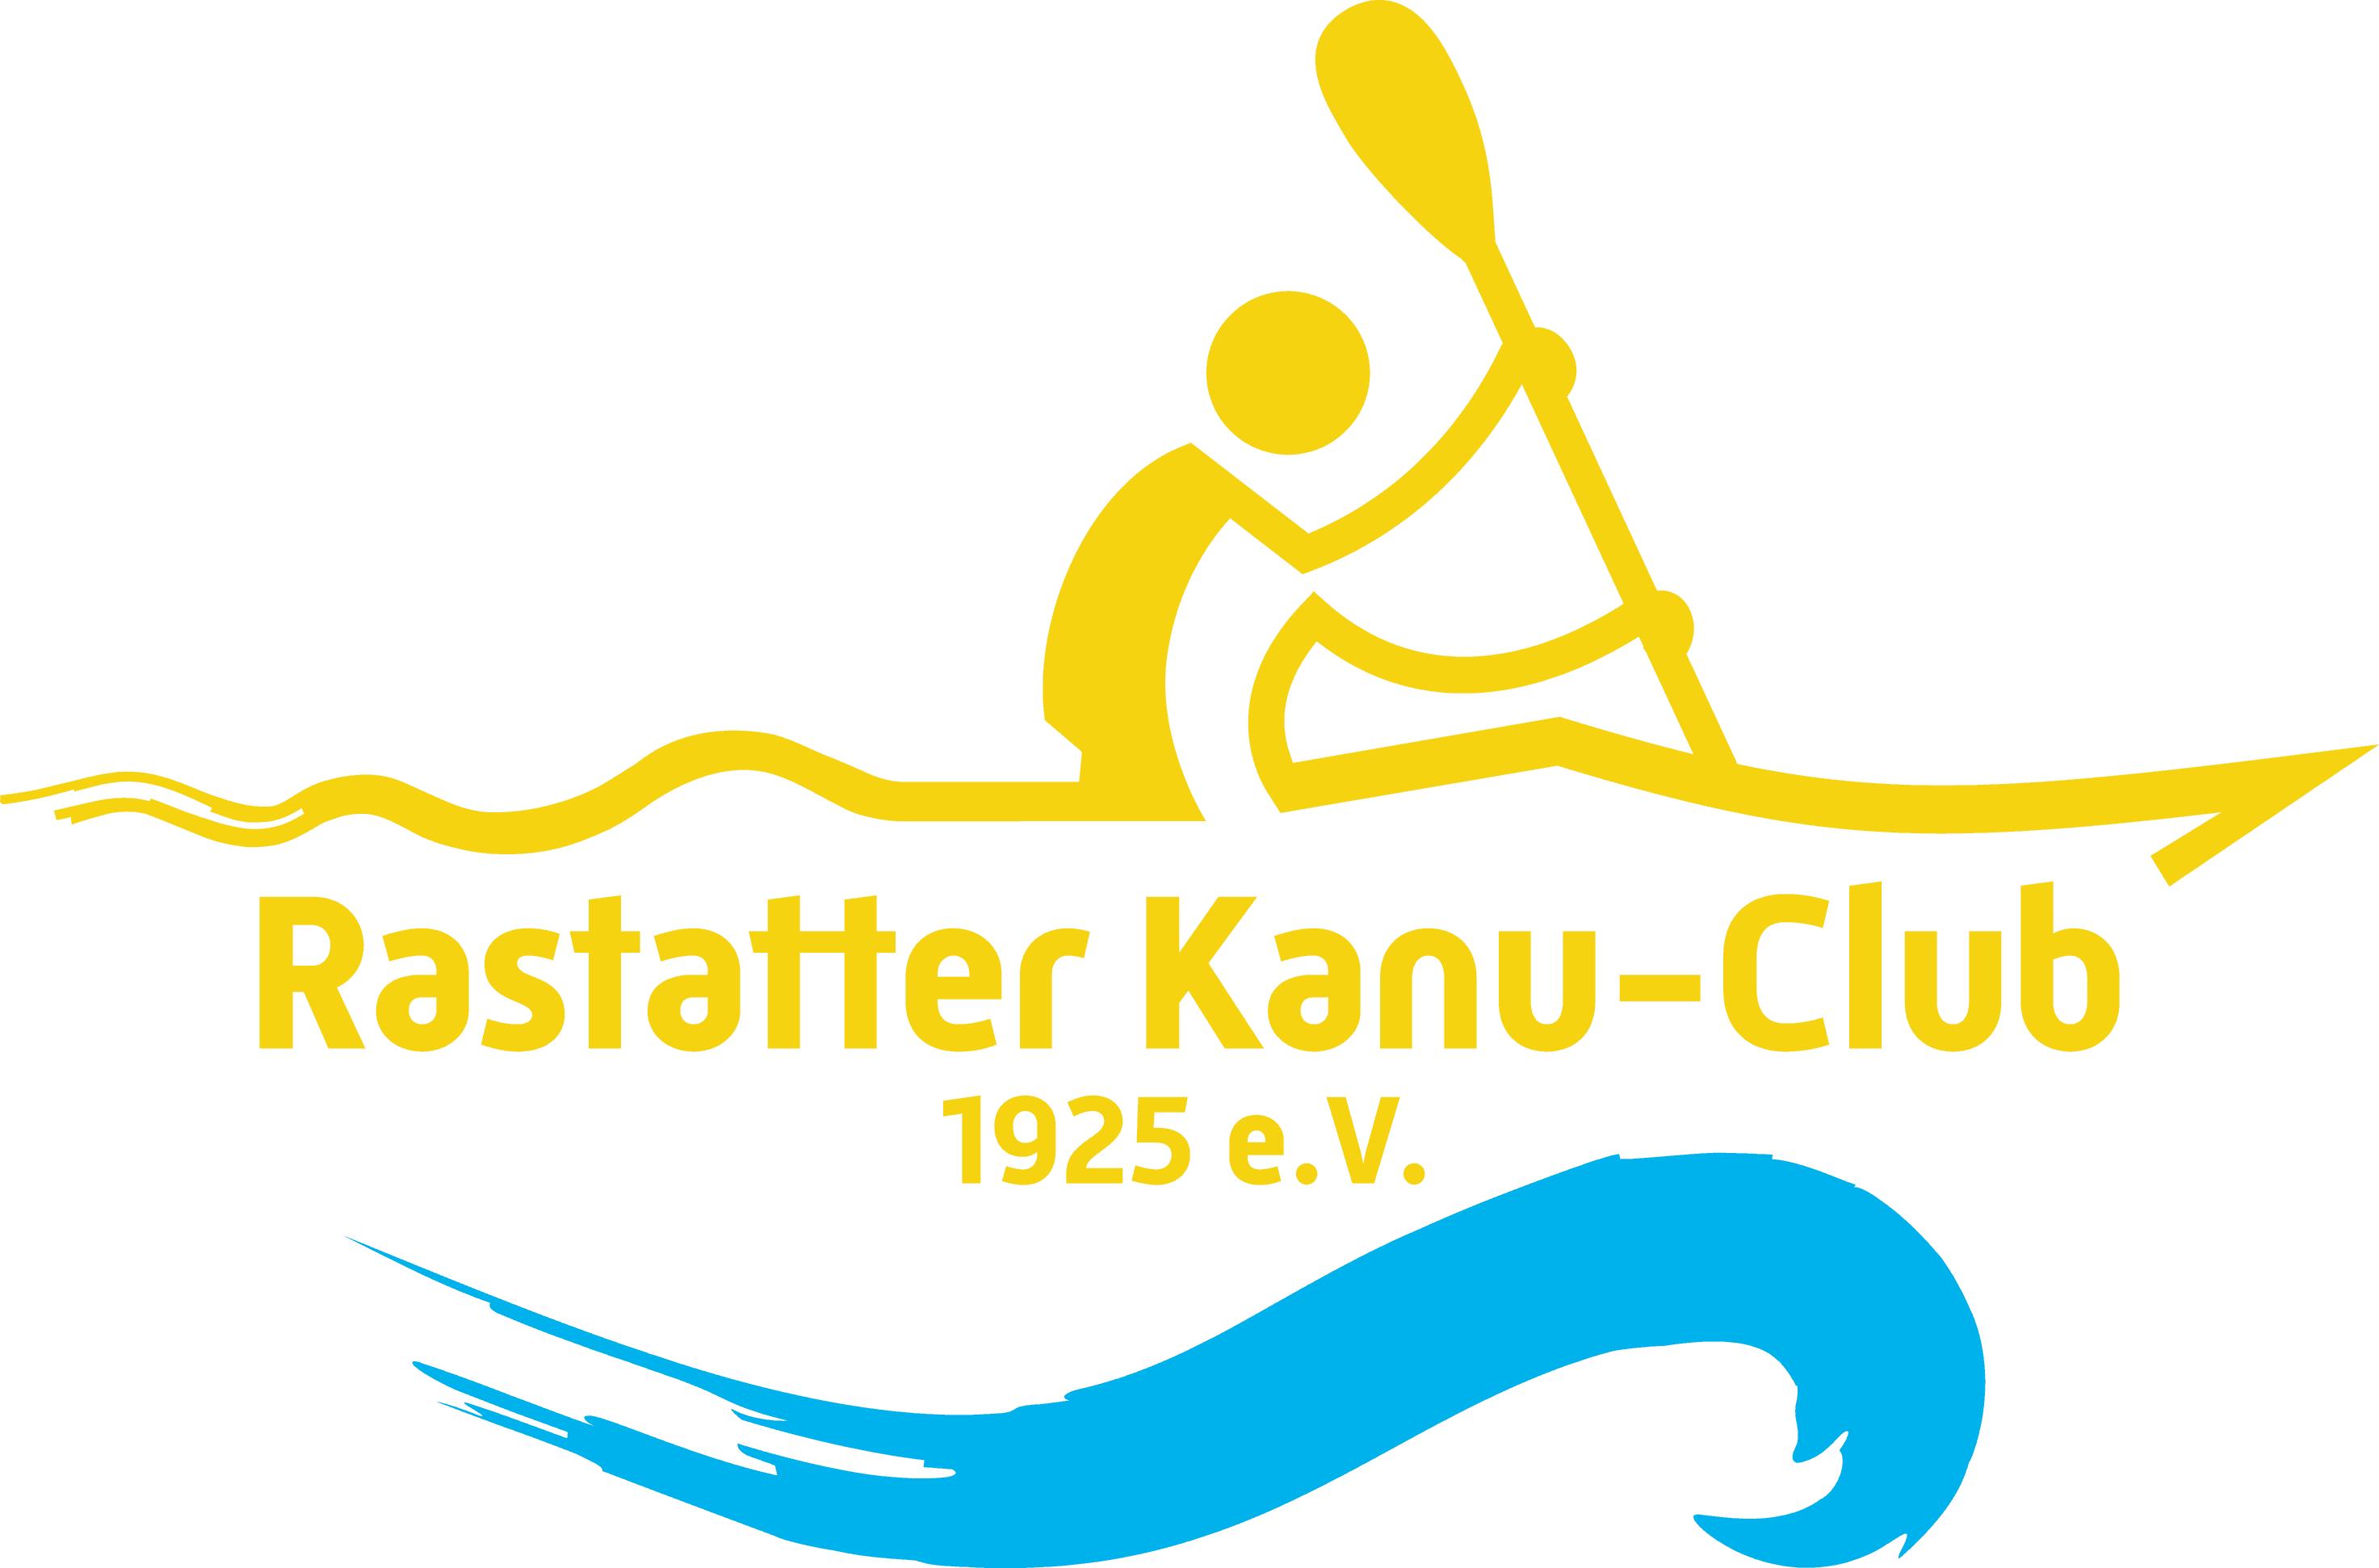 Rastatter Kanuclub 1925 e.V.